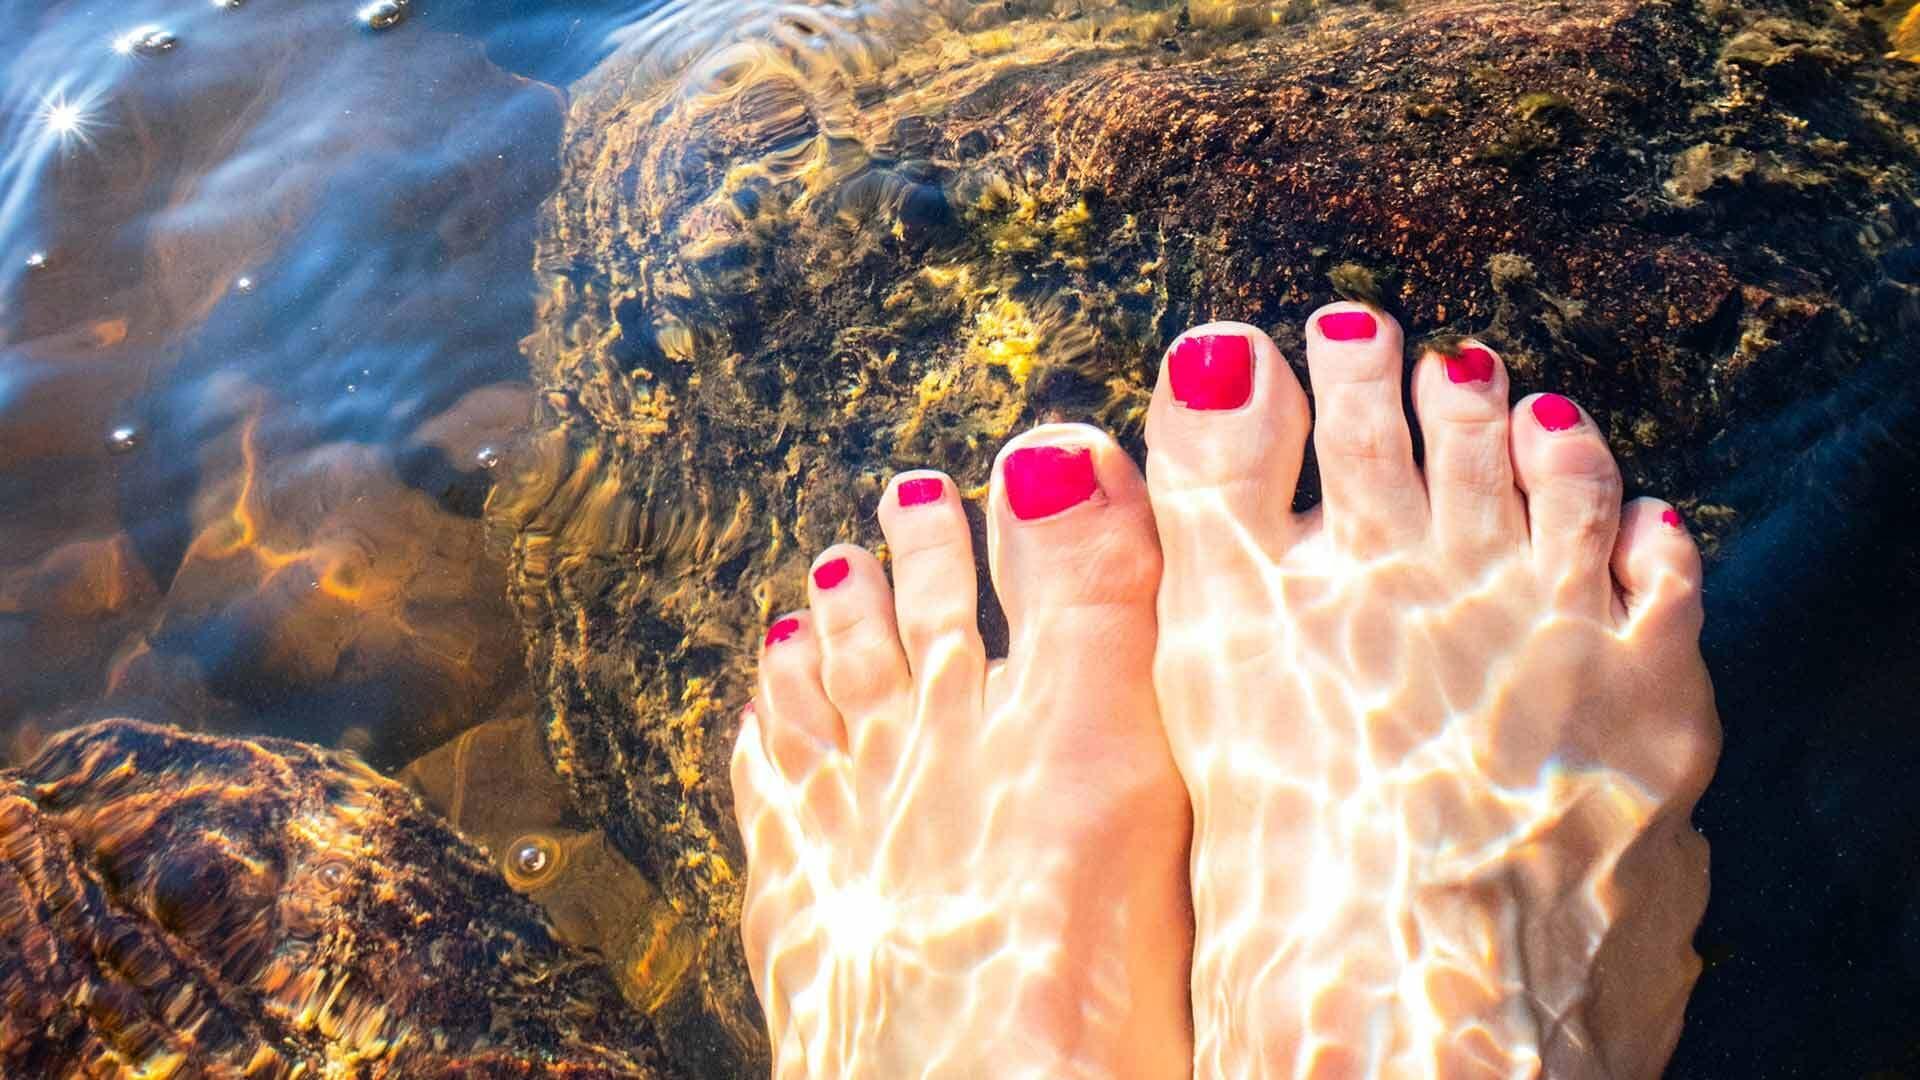 Mit Nagellack lackierte Zehen im Meerwasser